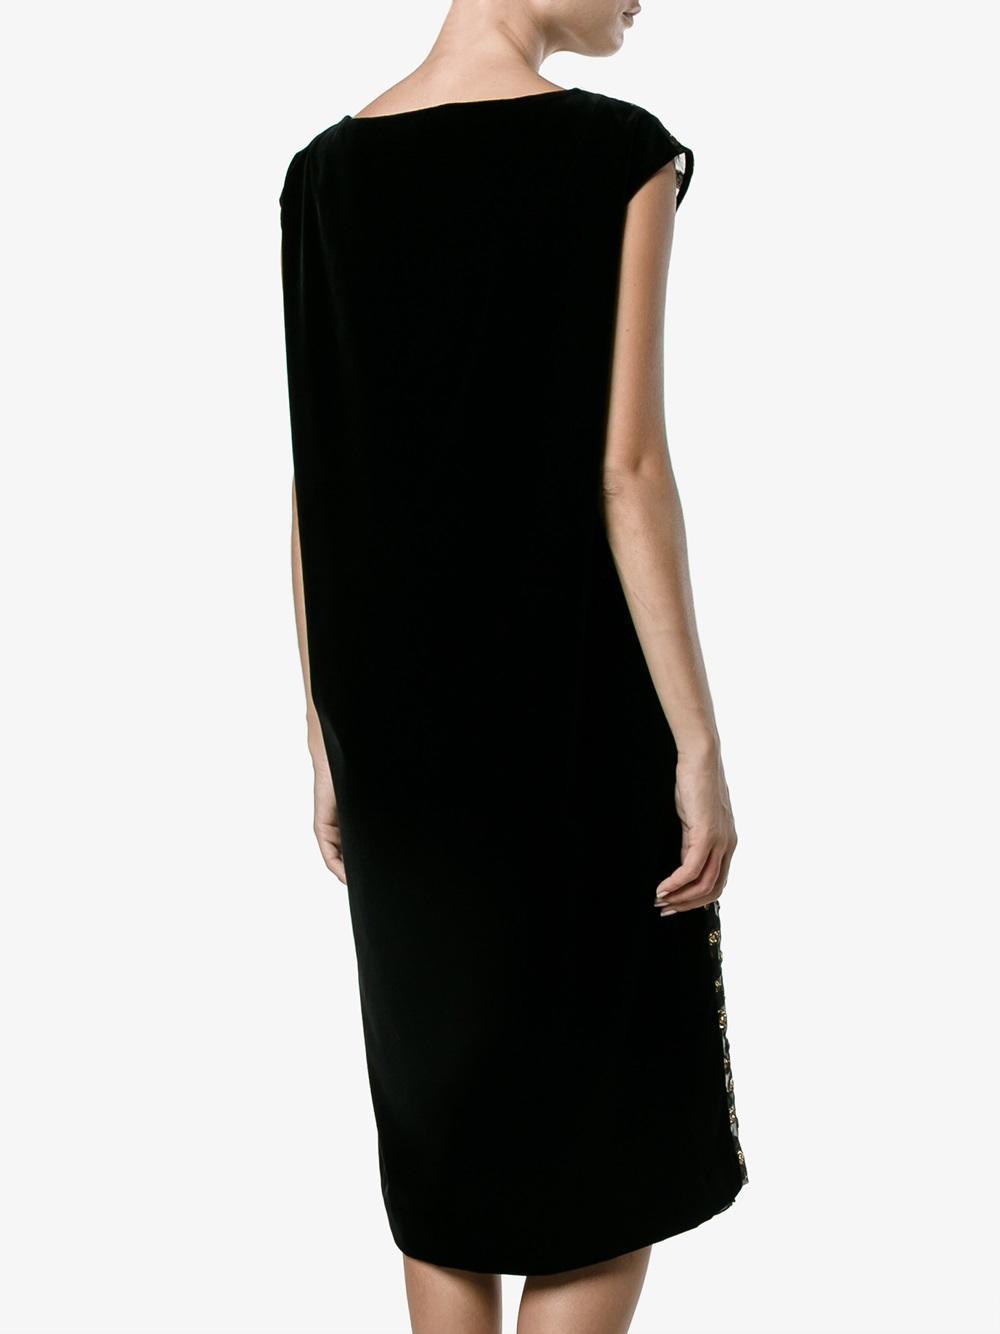 Lyst dries van noten metallic jacquard dress in black for Dries van noten wedding dress